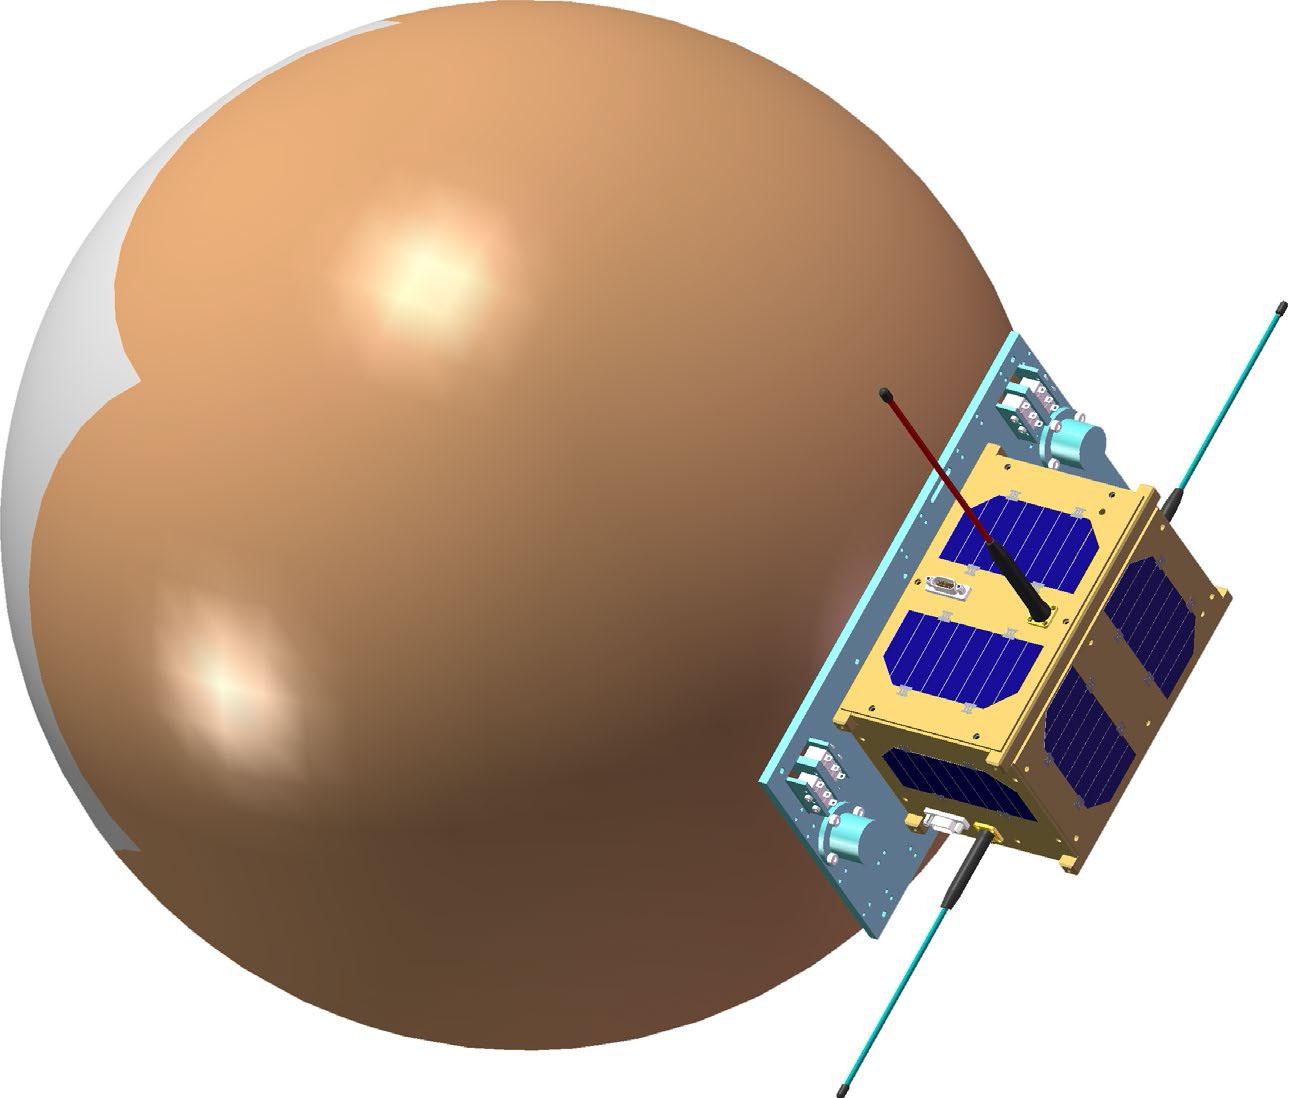 [Chine] iSpace - Hyperbola-1 (5 CU) - JSLC - 25.07.2019 2224